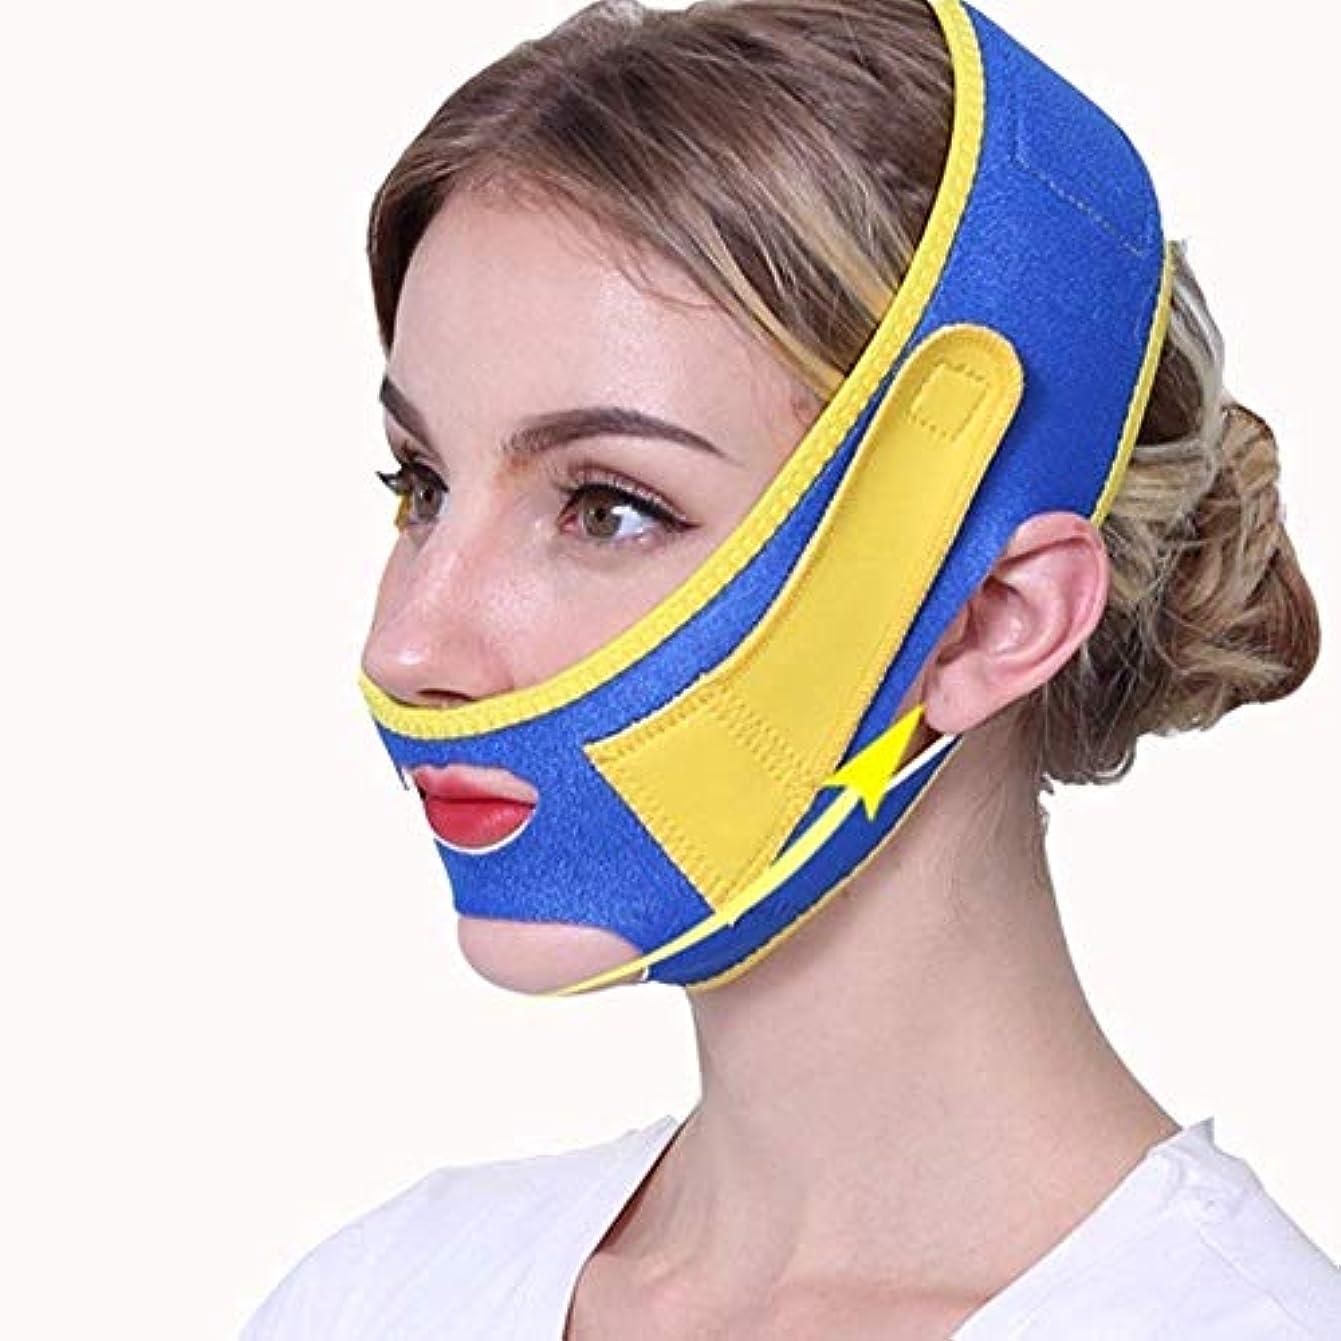 オプションカウンタデンマークWSJTT 女性のための顔のリフティングベルト、Vラインチンチークリフトアップバンドアンチリンクル包帯、スリミング包帯二重あごケア減量Vフェイスベルト補正ベルト調節可能ファーミングフェイシャル?スキンケア